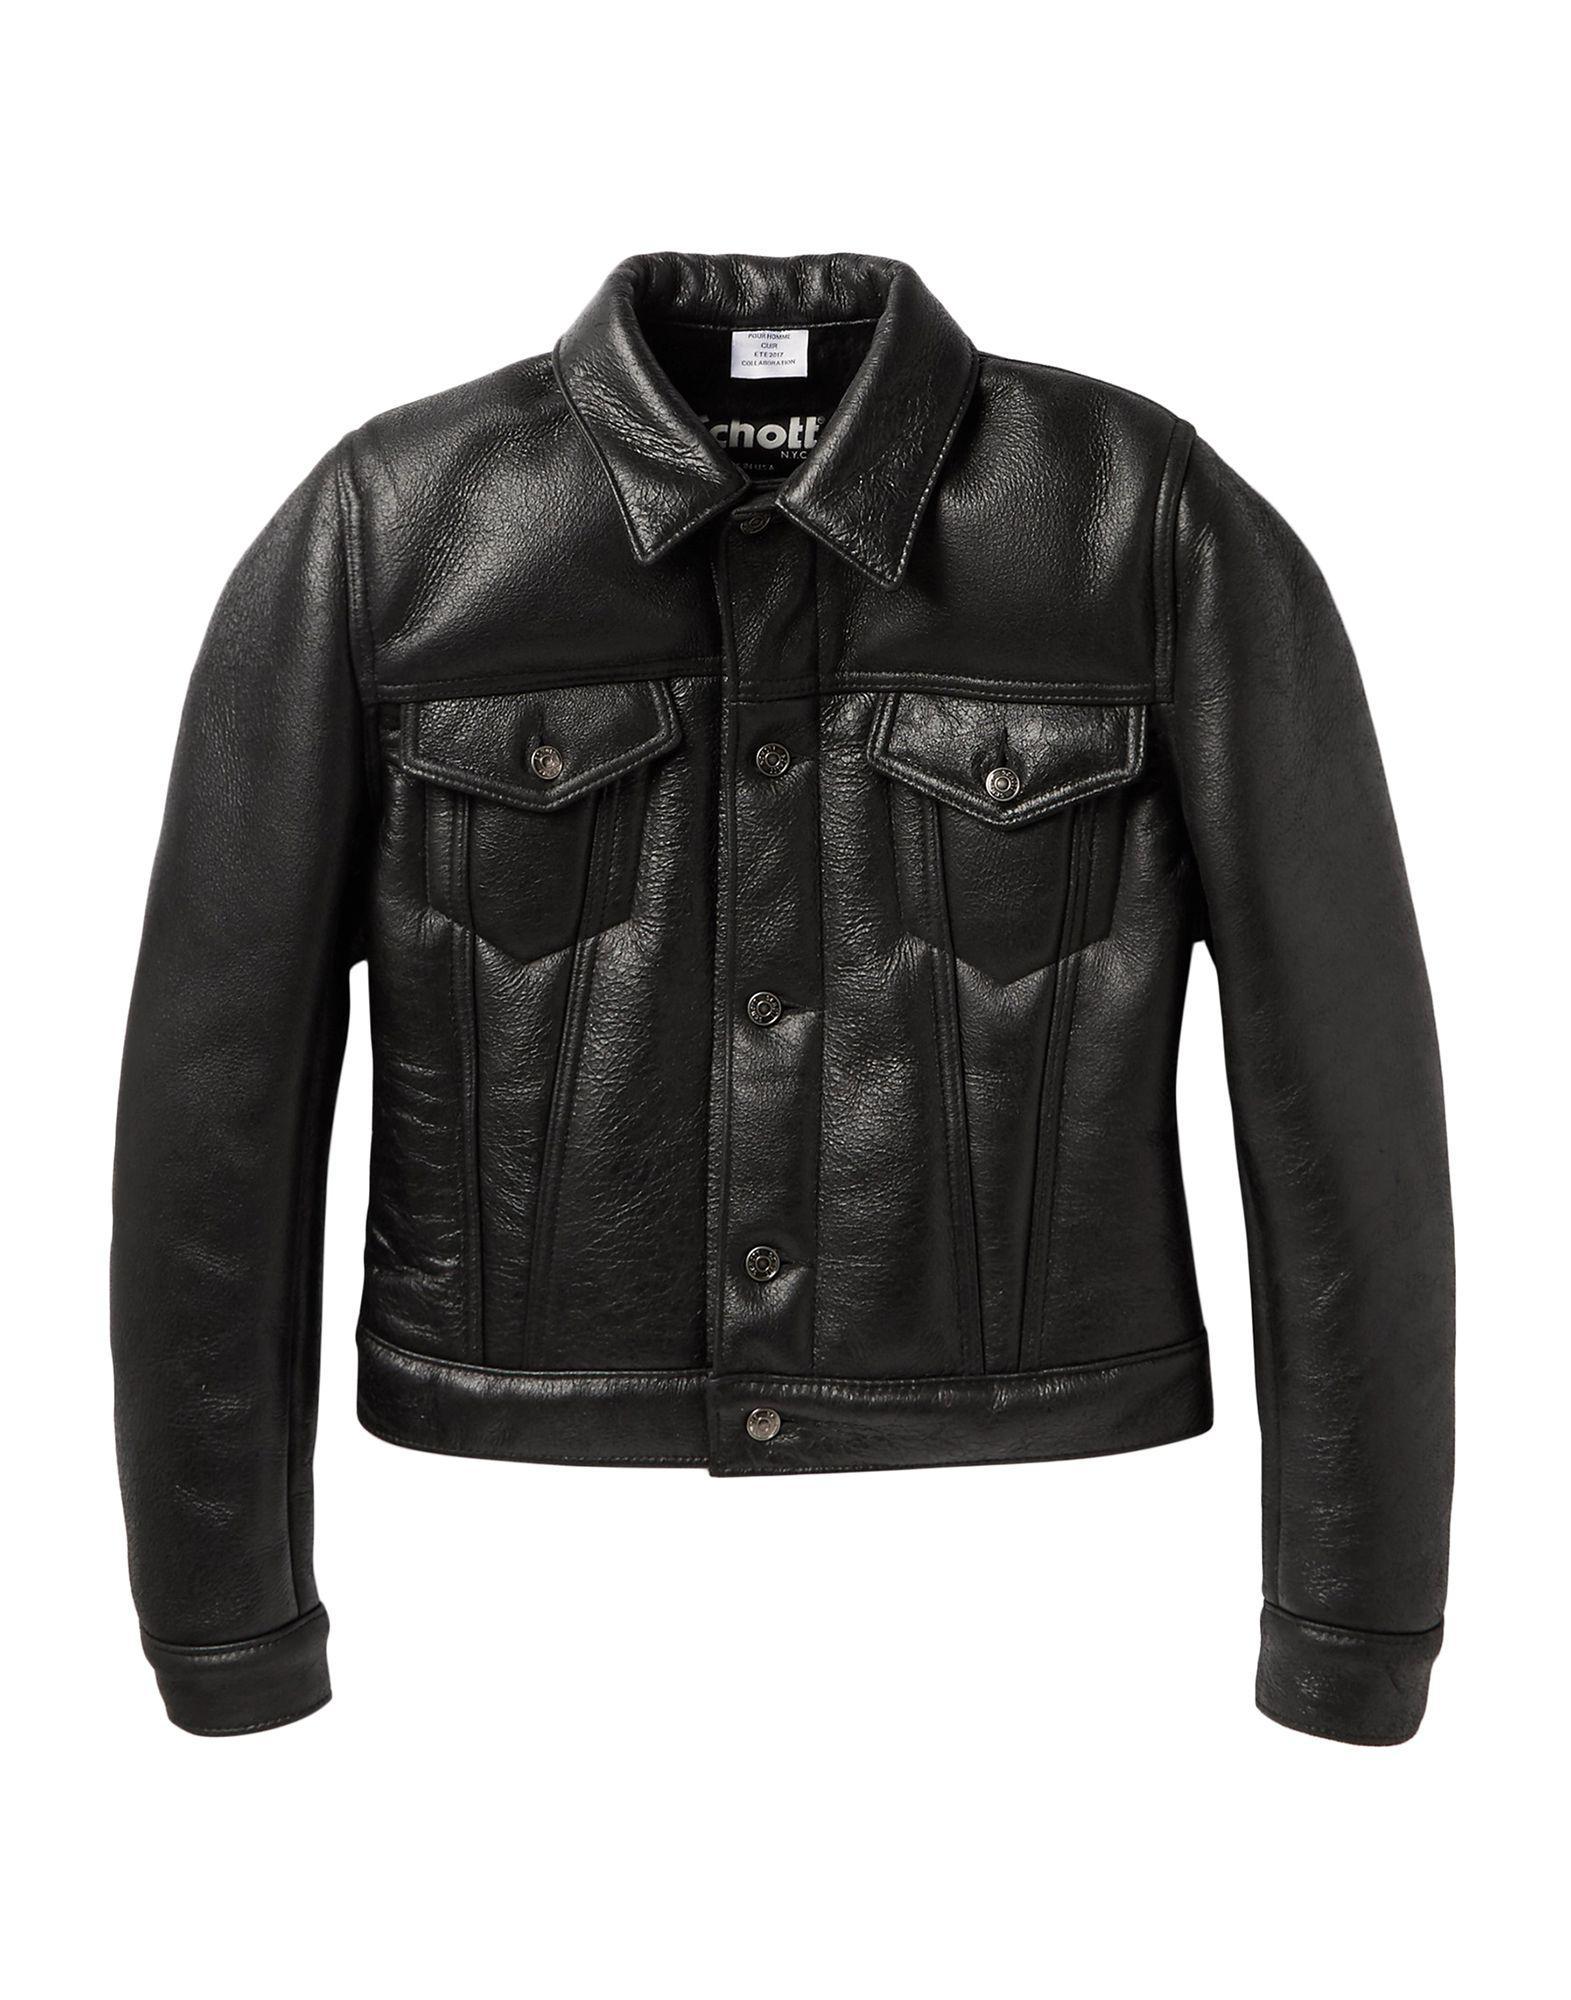 schott jacket dating